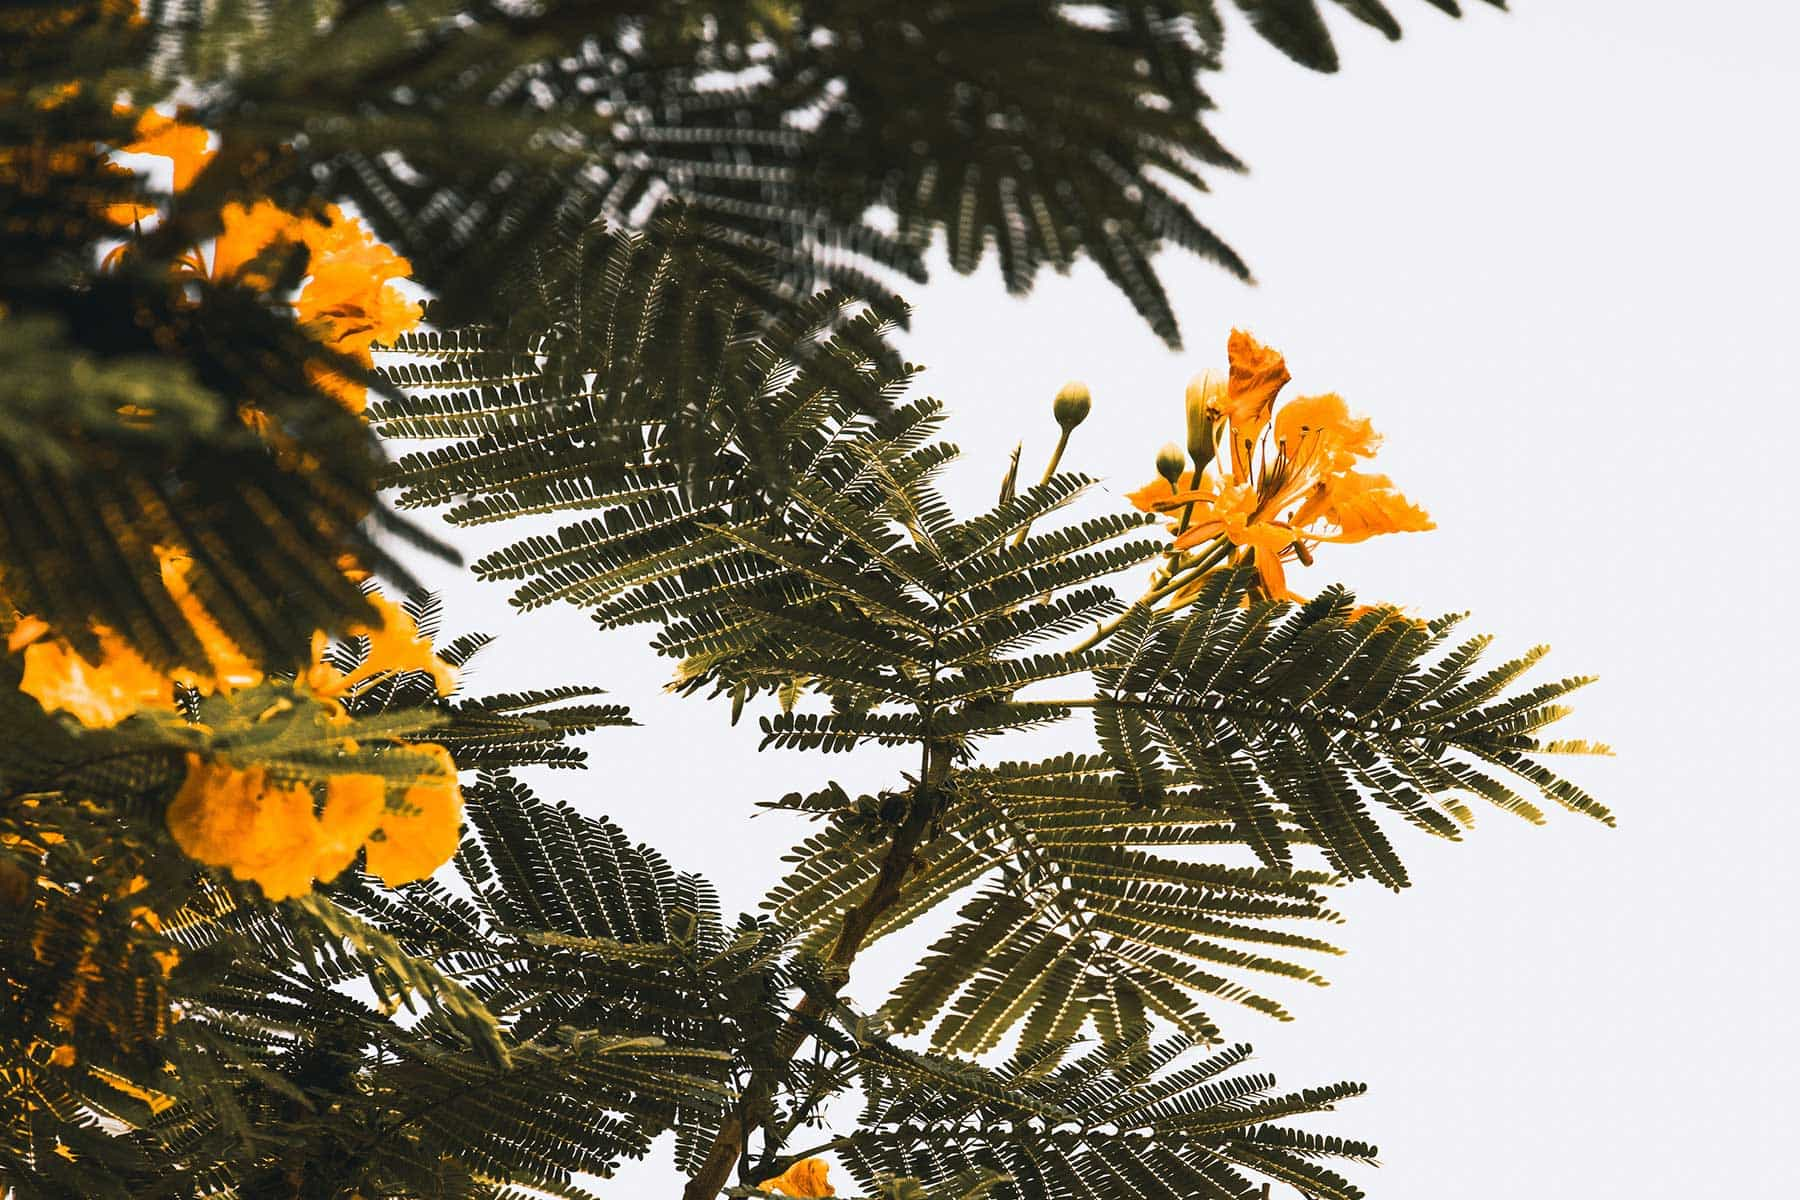 Resor-till-Dubai-med-Nygren-&-Lind-Resebyrå--blommor